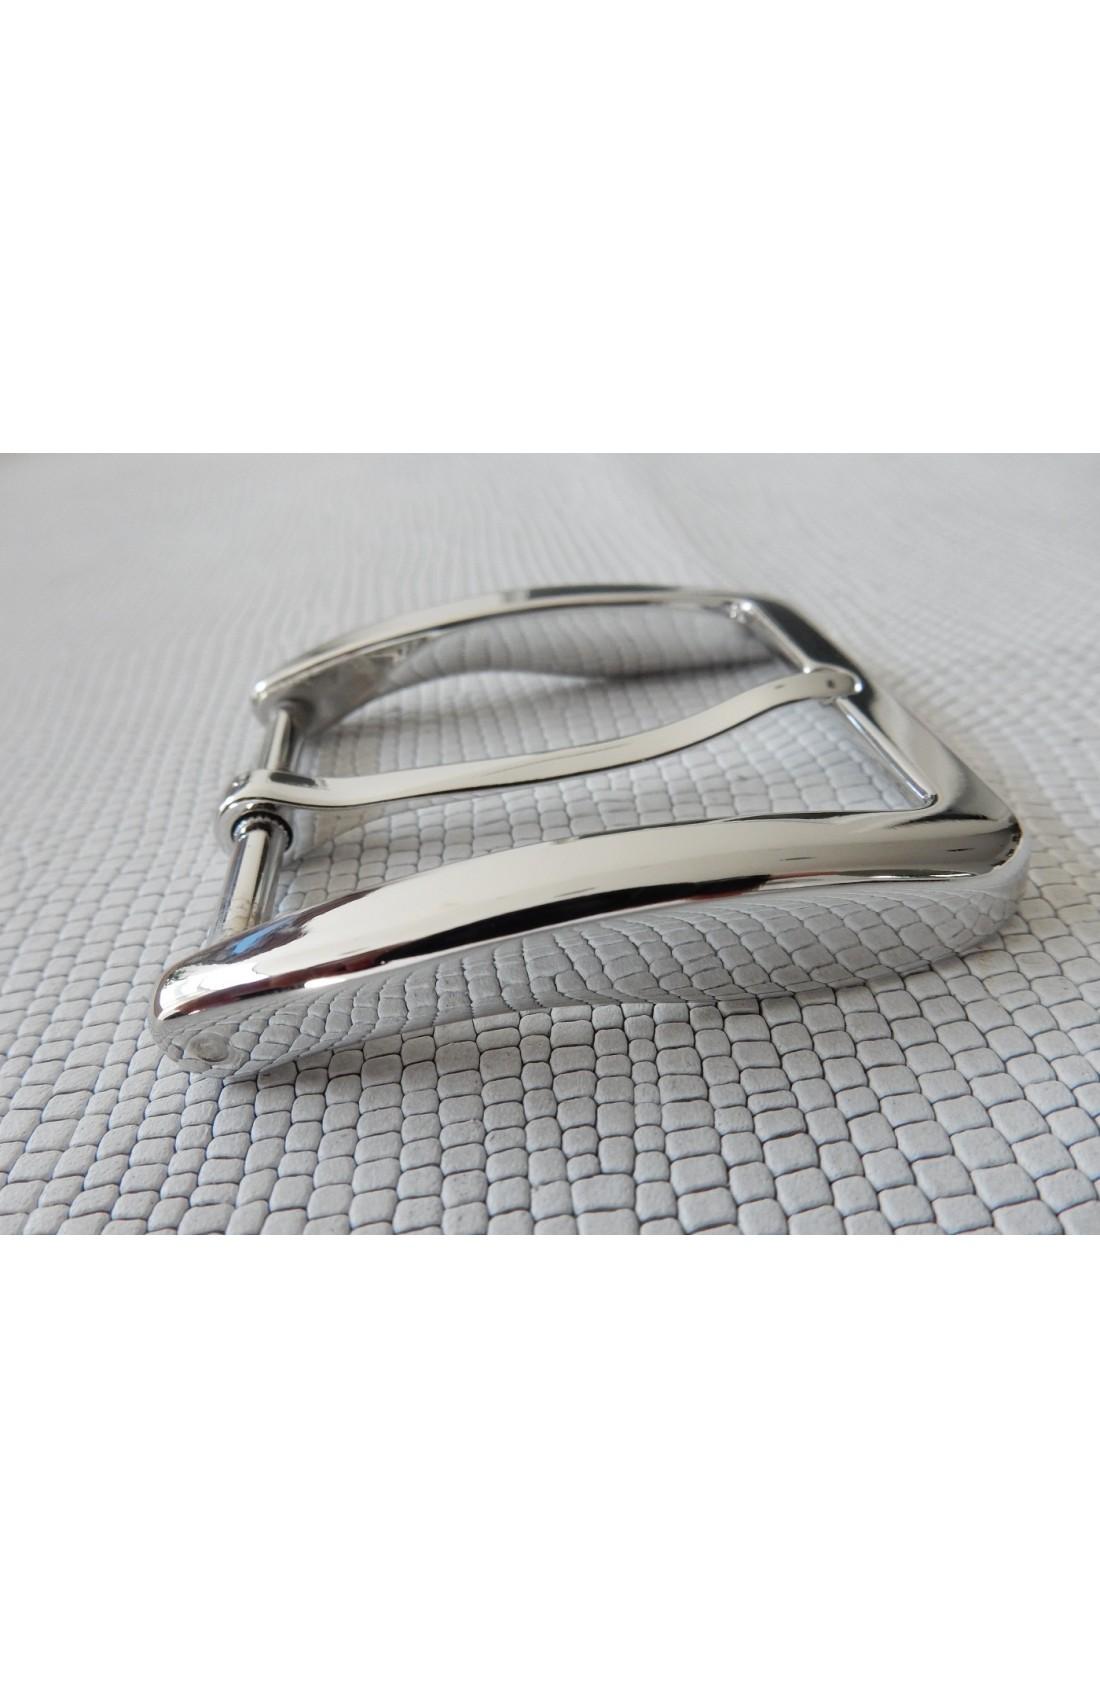 Fibbia Standard L 62 mm.35 nikel free (2)